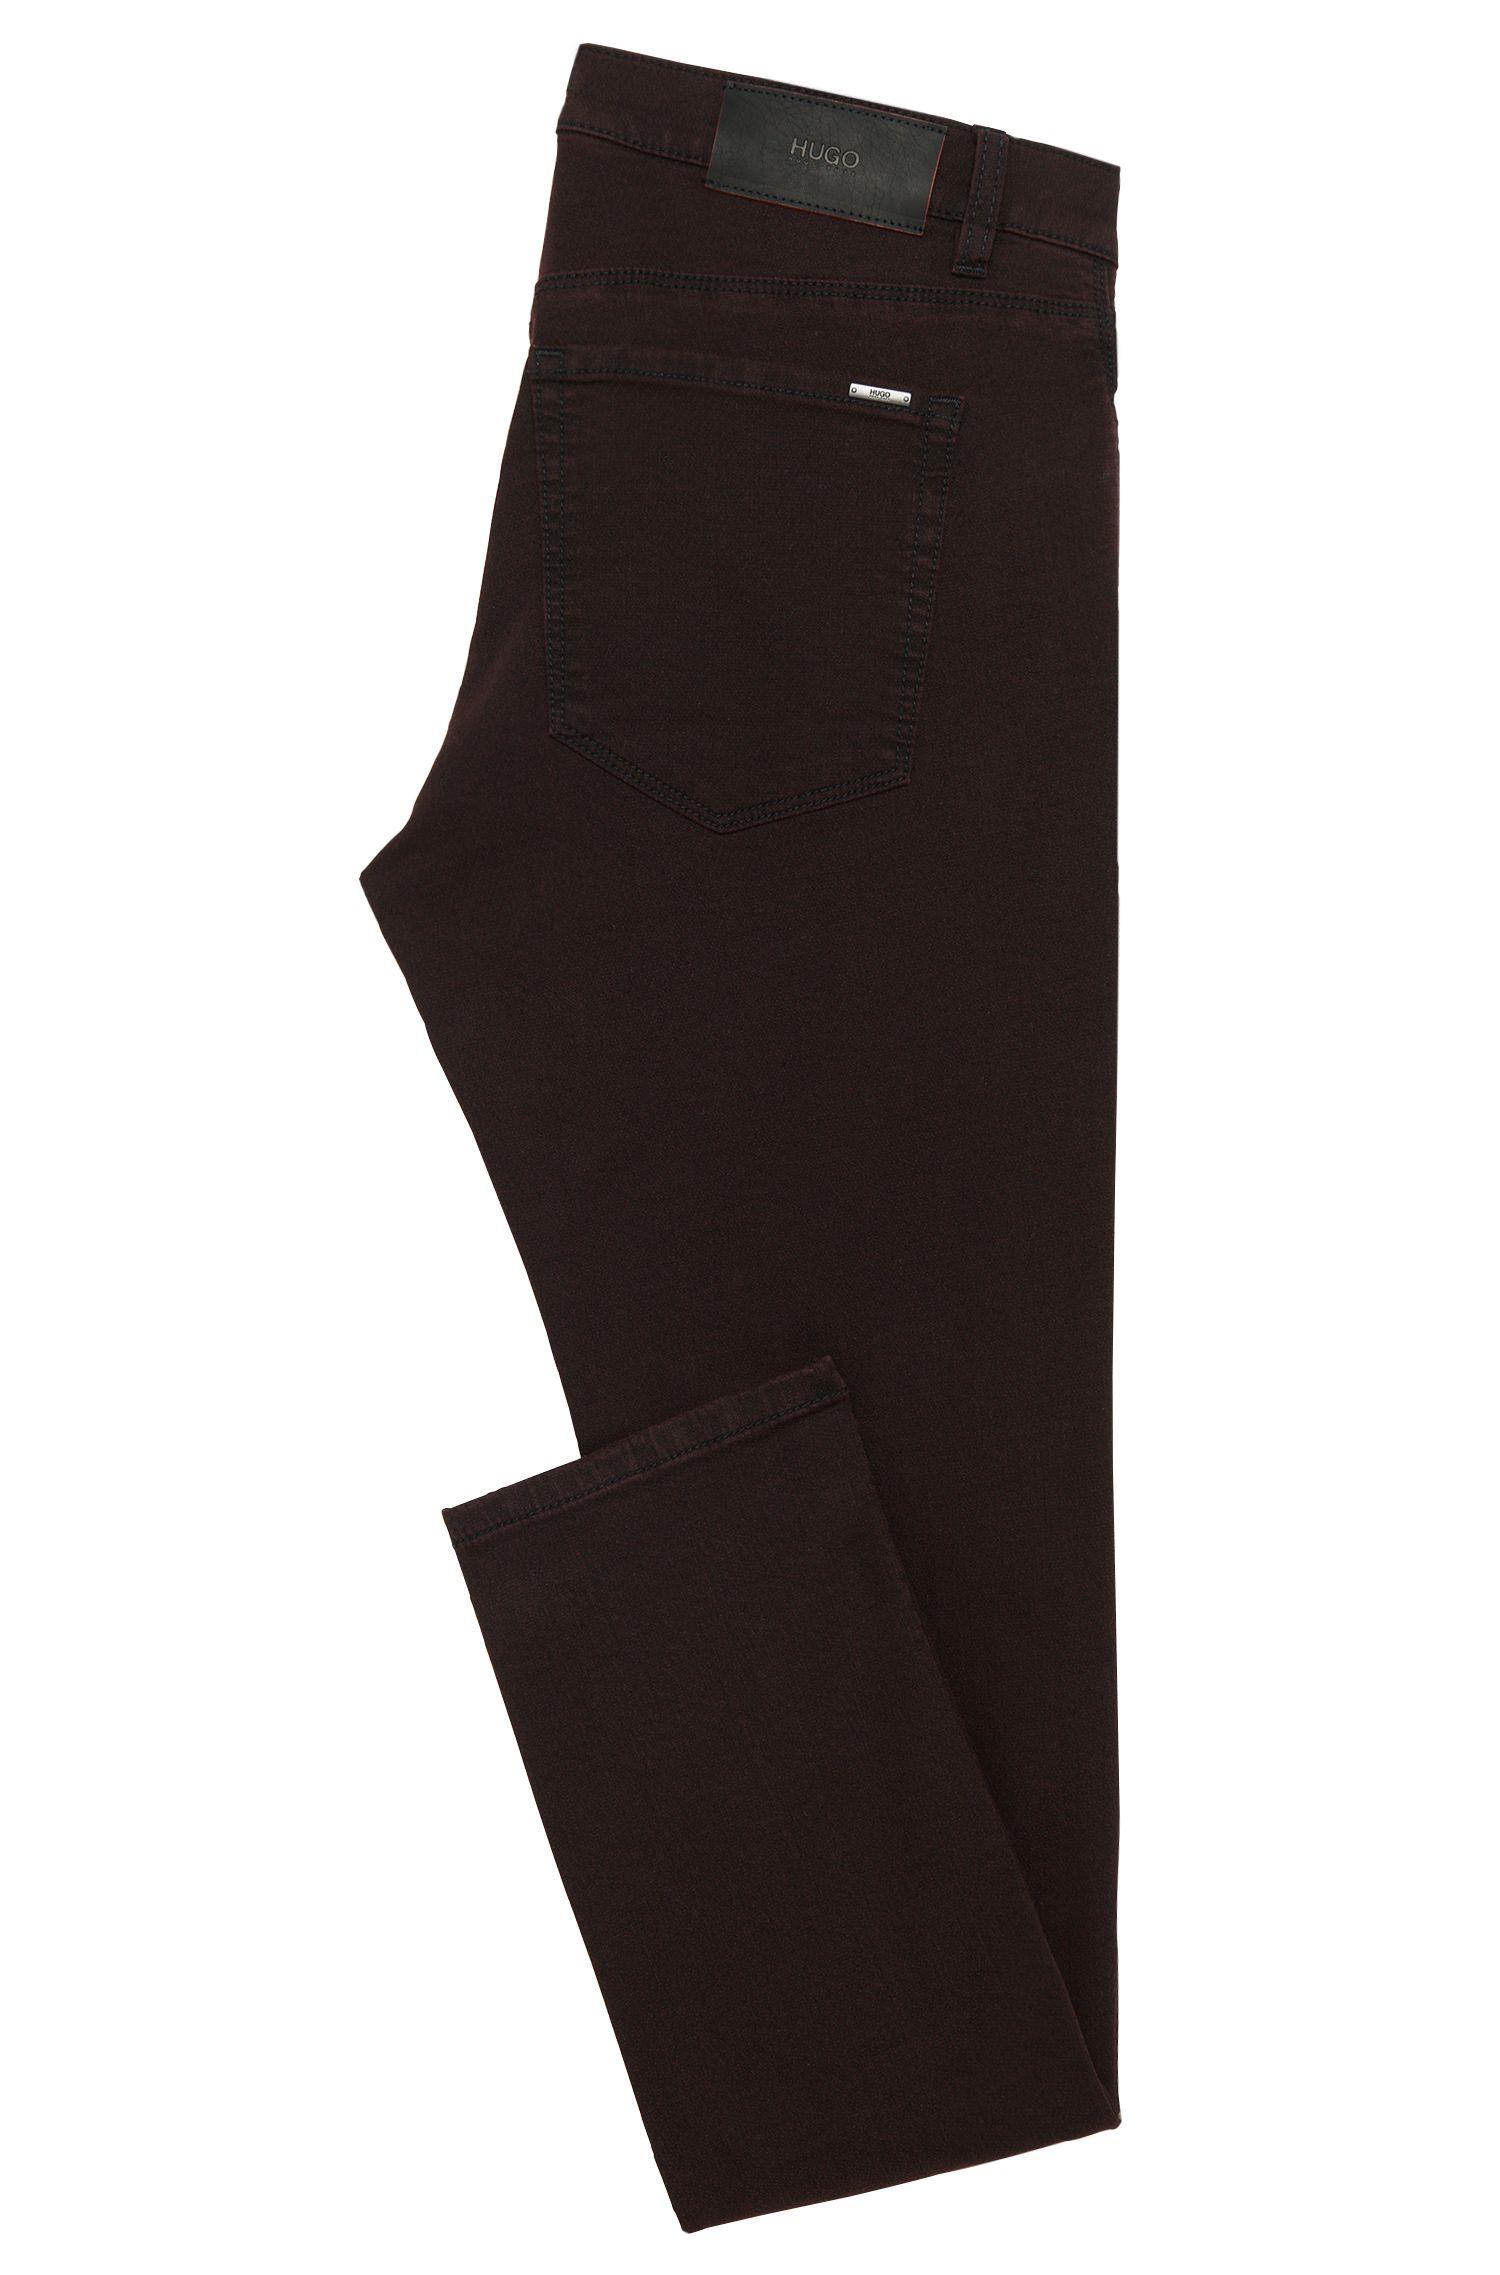 Jeans Slim Fit à motif, en coton mélangé extensible: «HUGO734»